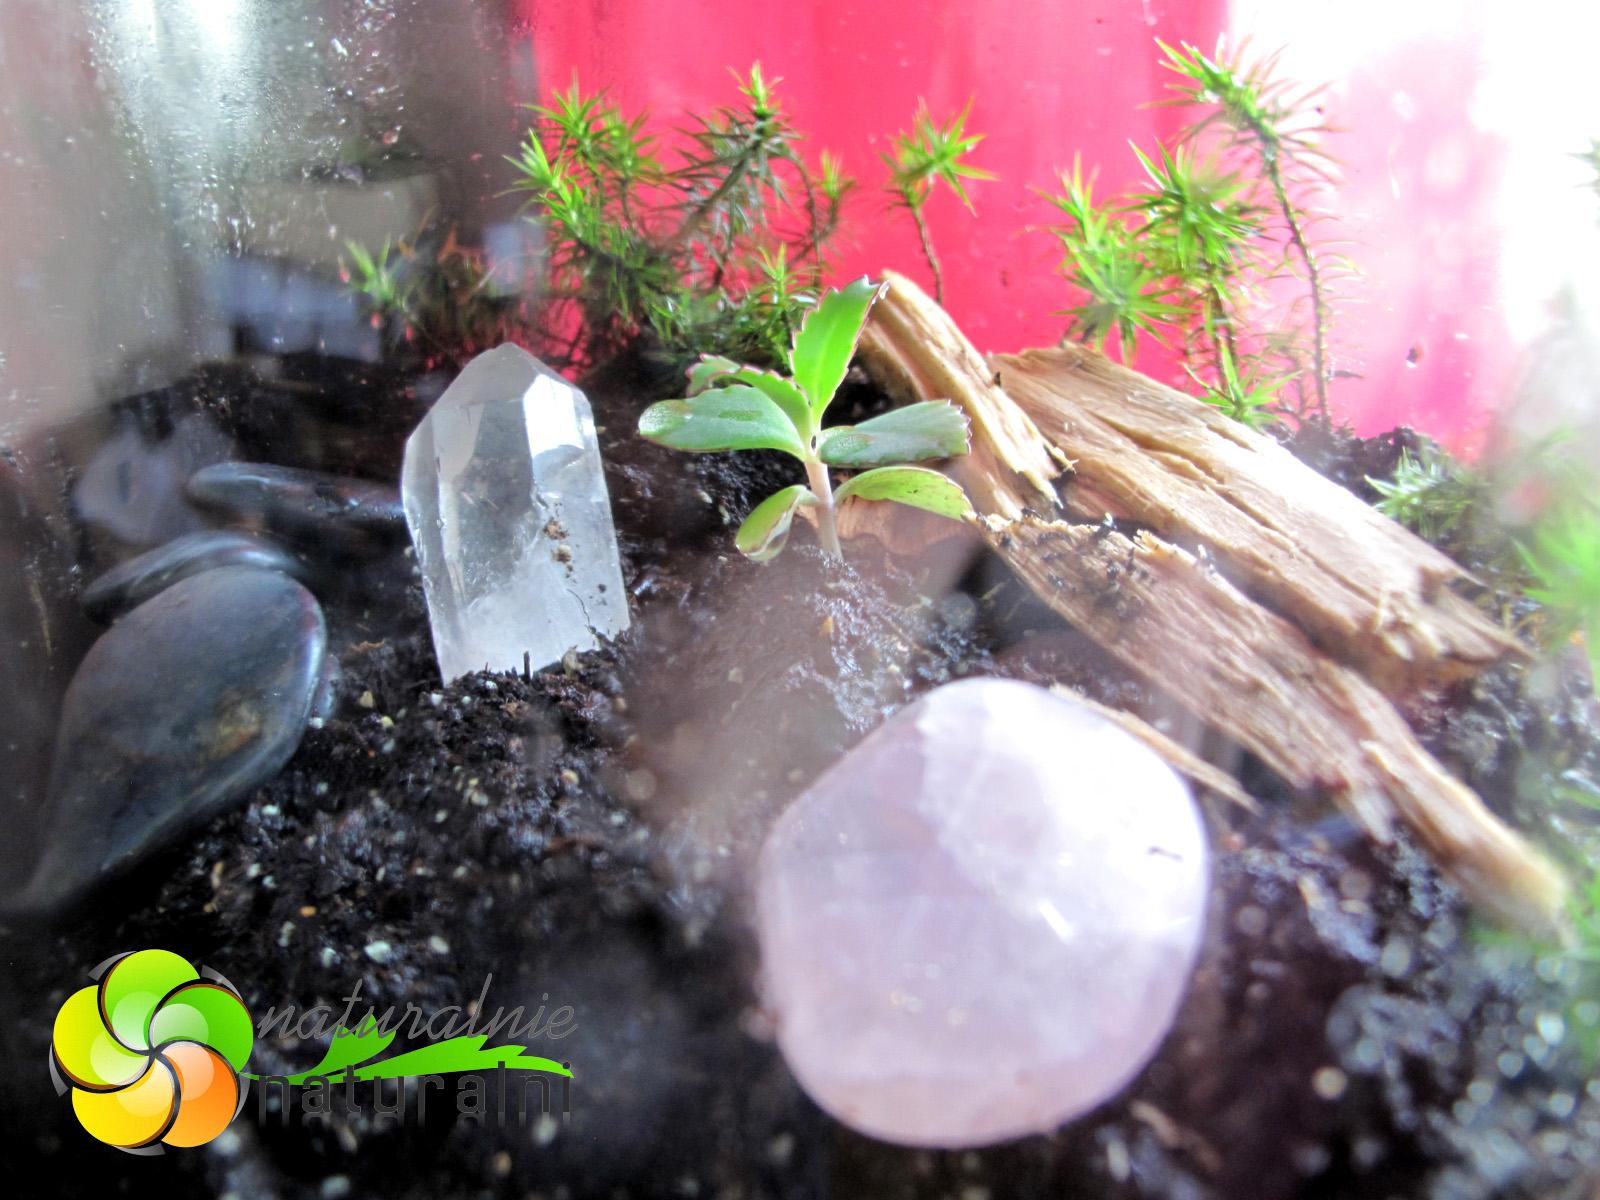 ogród w słouku David Latimer jak zrobić DIY warsztaty naturalnie naturalni biosfera w butelce